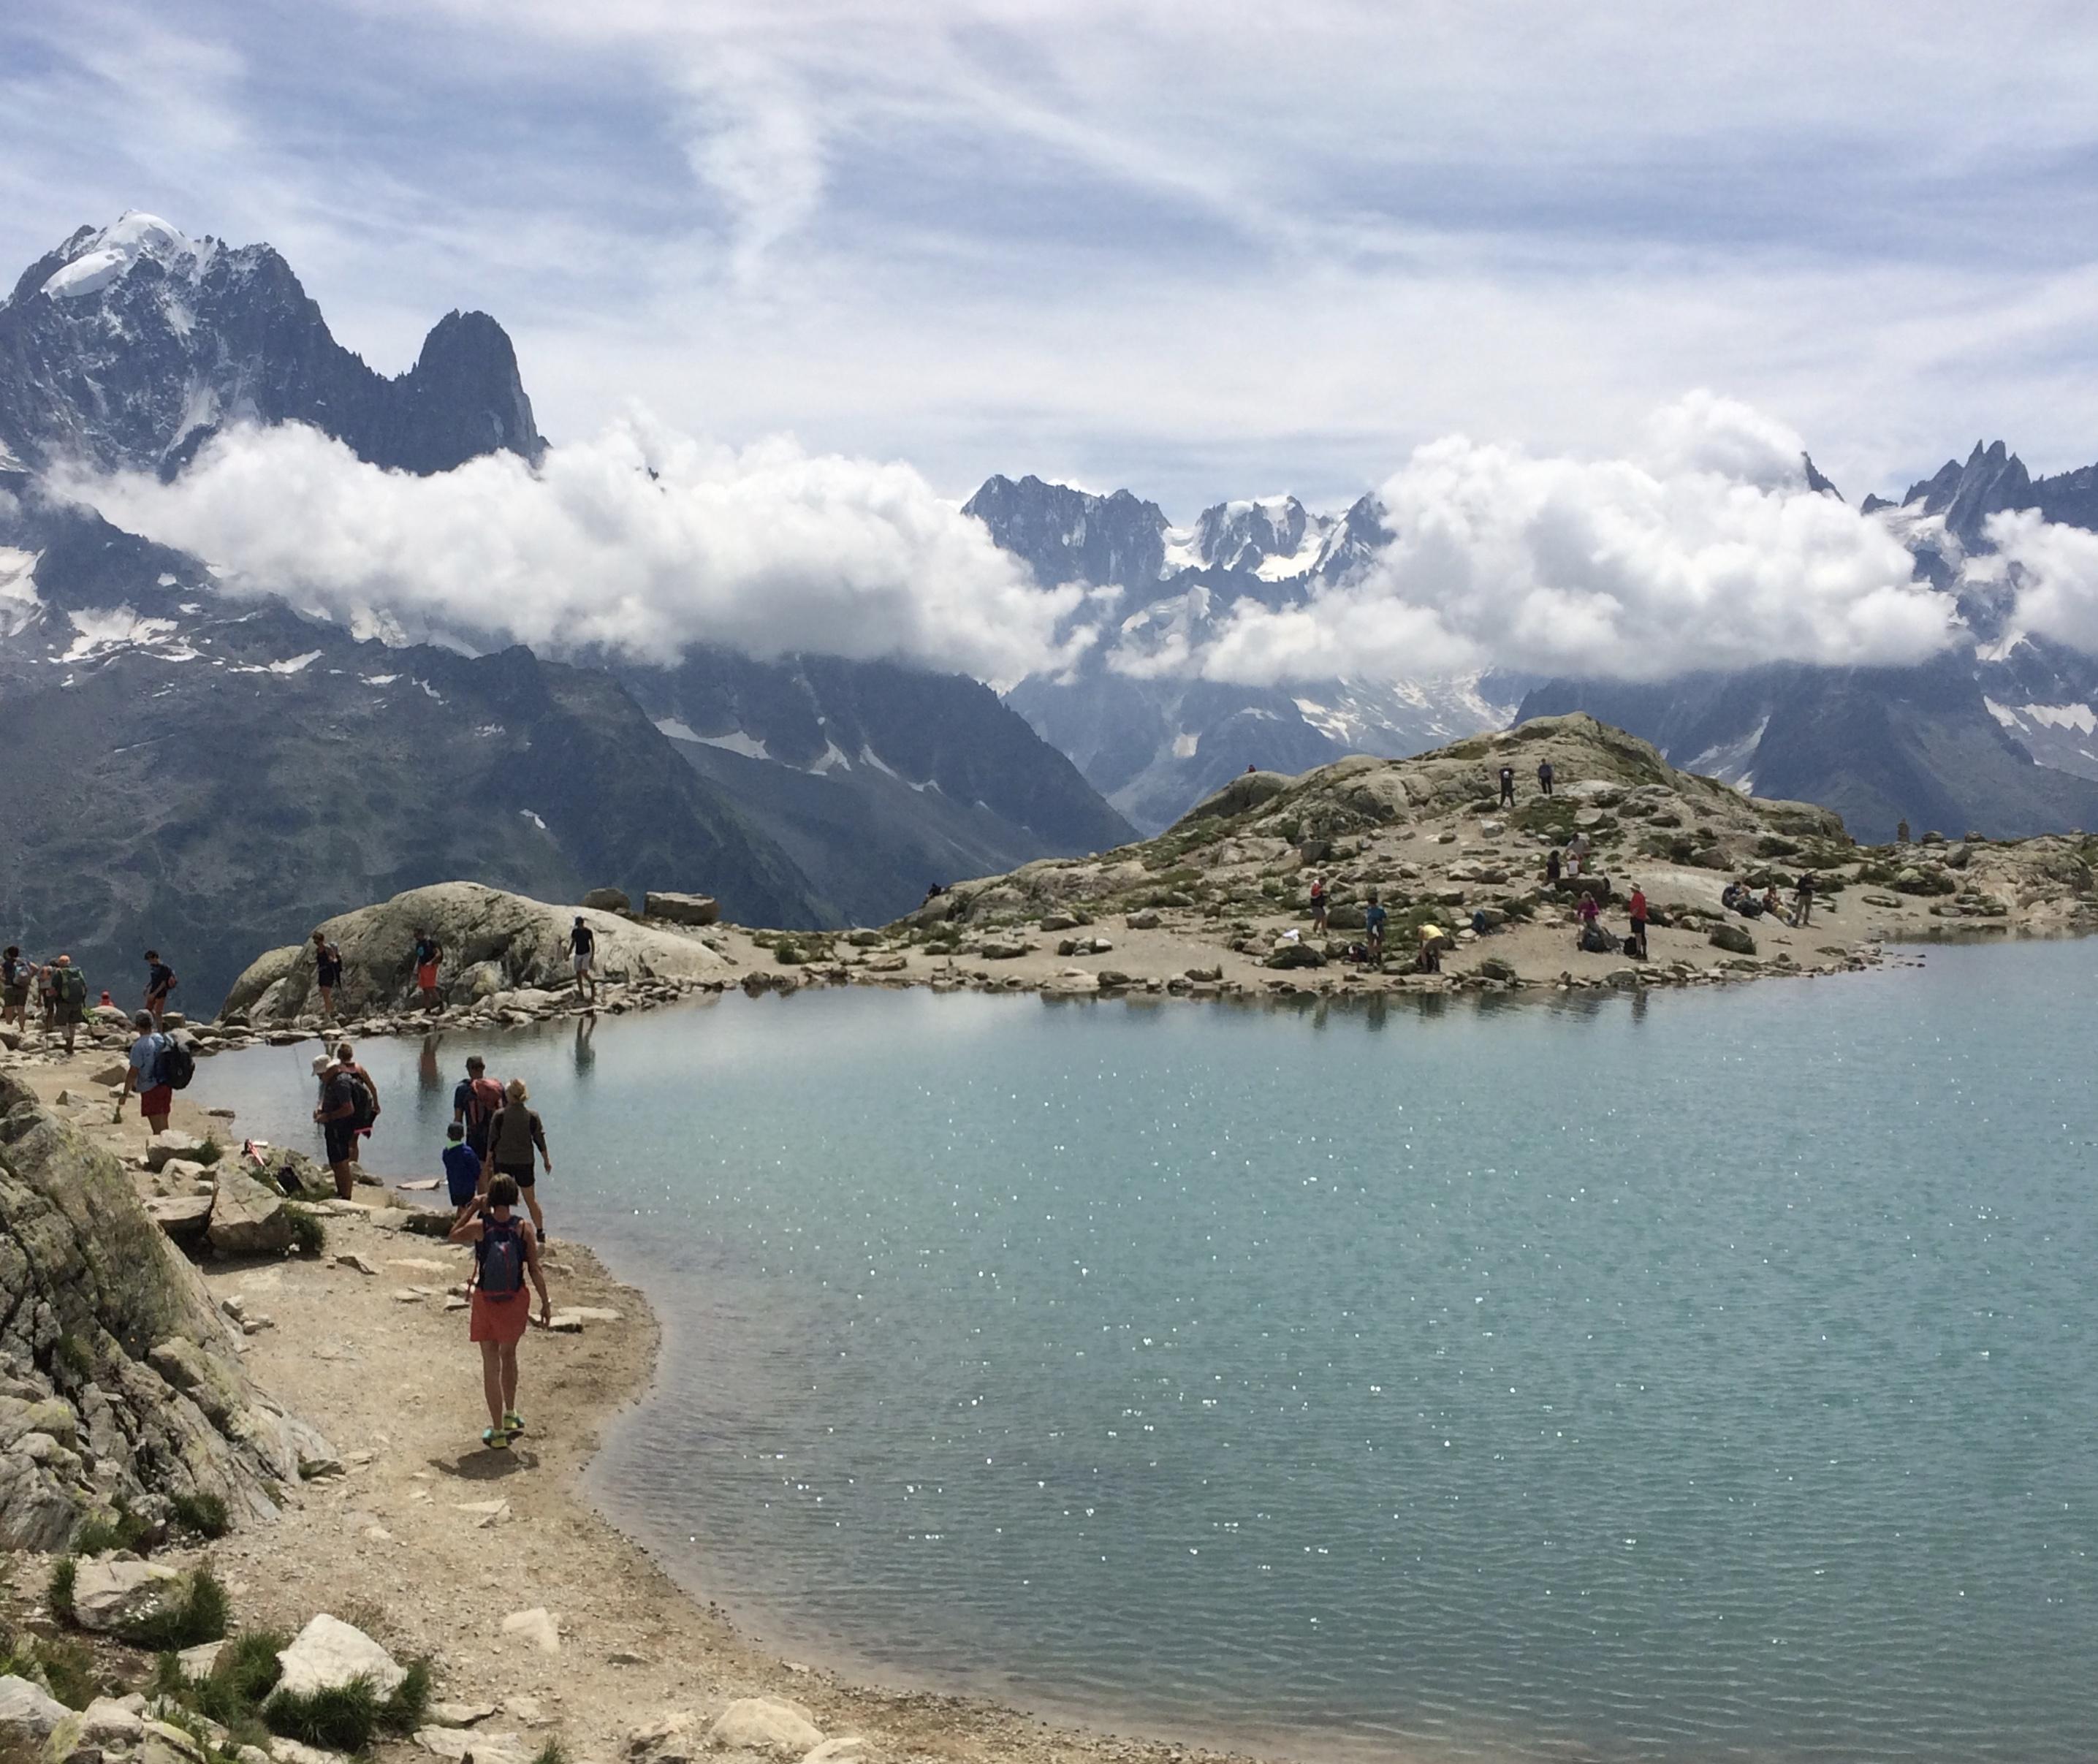 image: guests at La Blanc